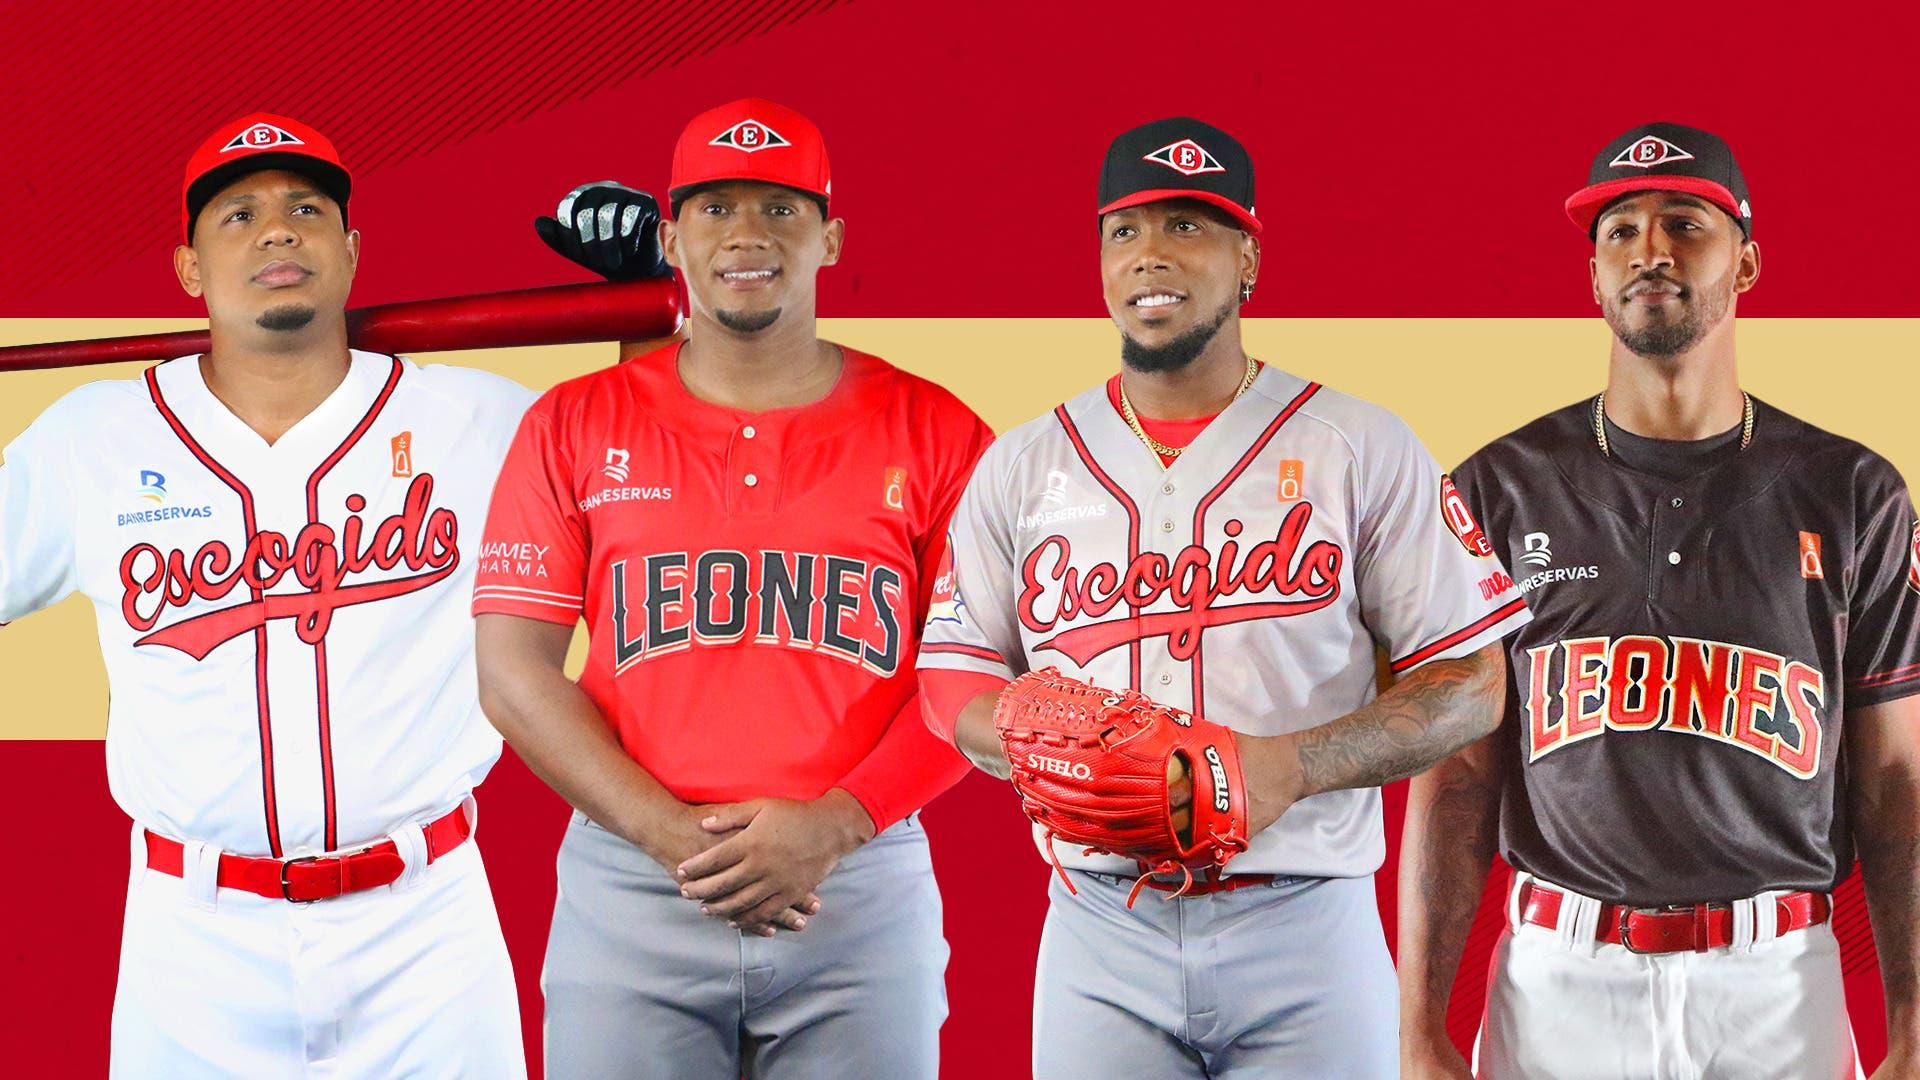 Escogido presentó sus uniformes para torneo 2021-22